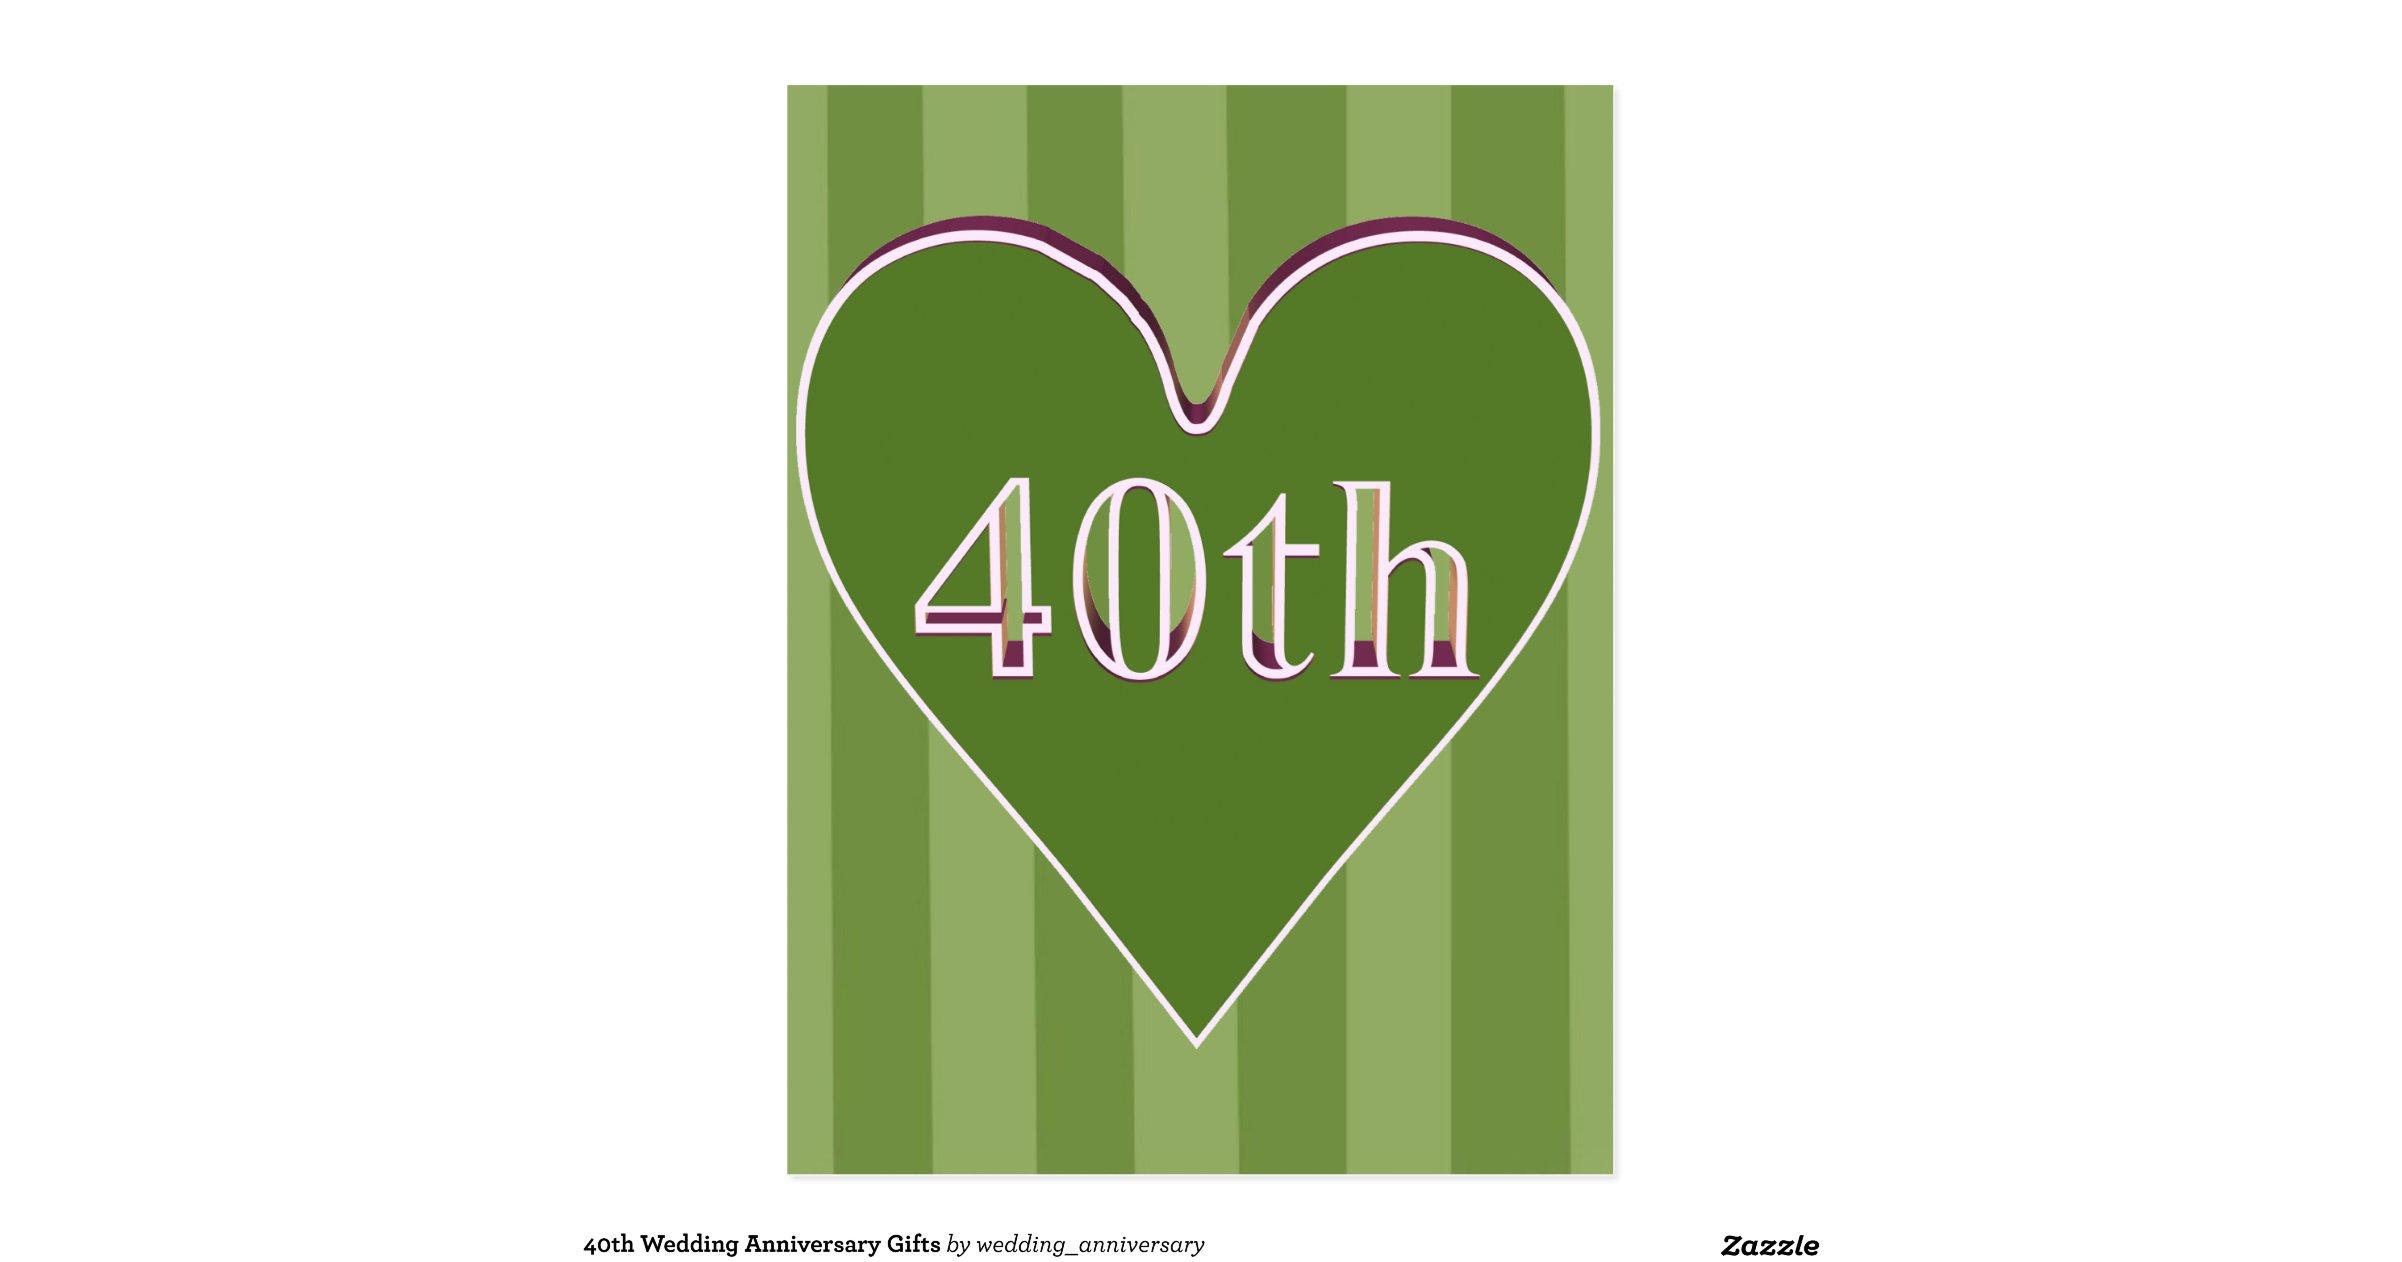 40th Wedding Anniversary Gifts Postcard R49486ad57a3c4922947904816279f90f Vgbaq 8byvr 1200